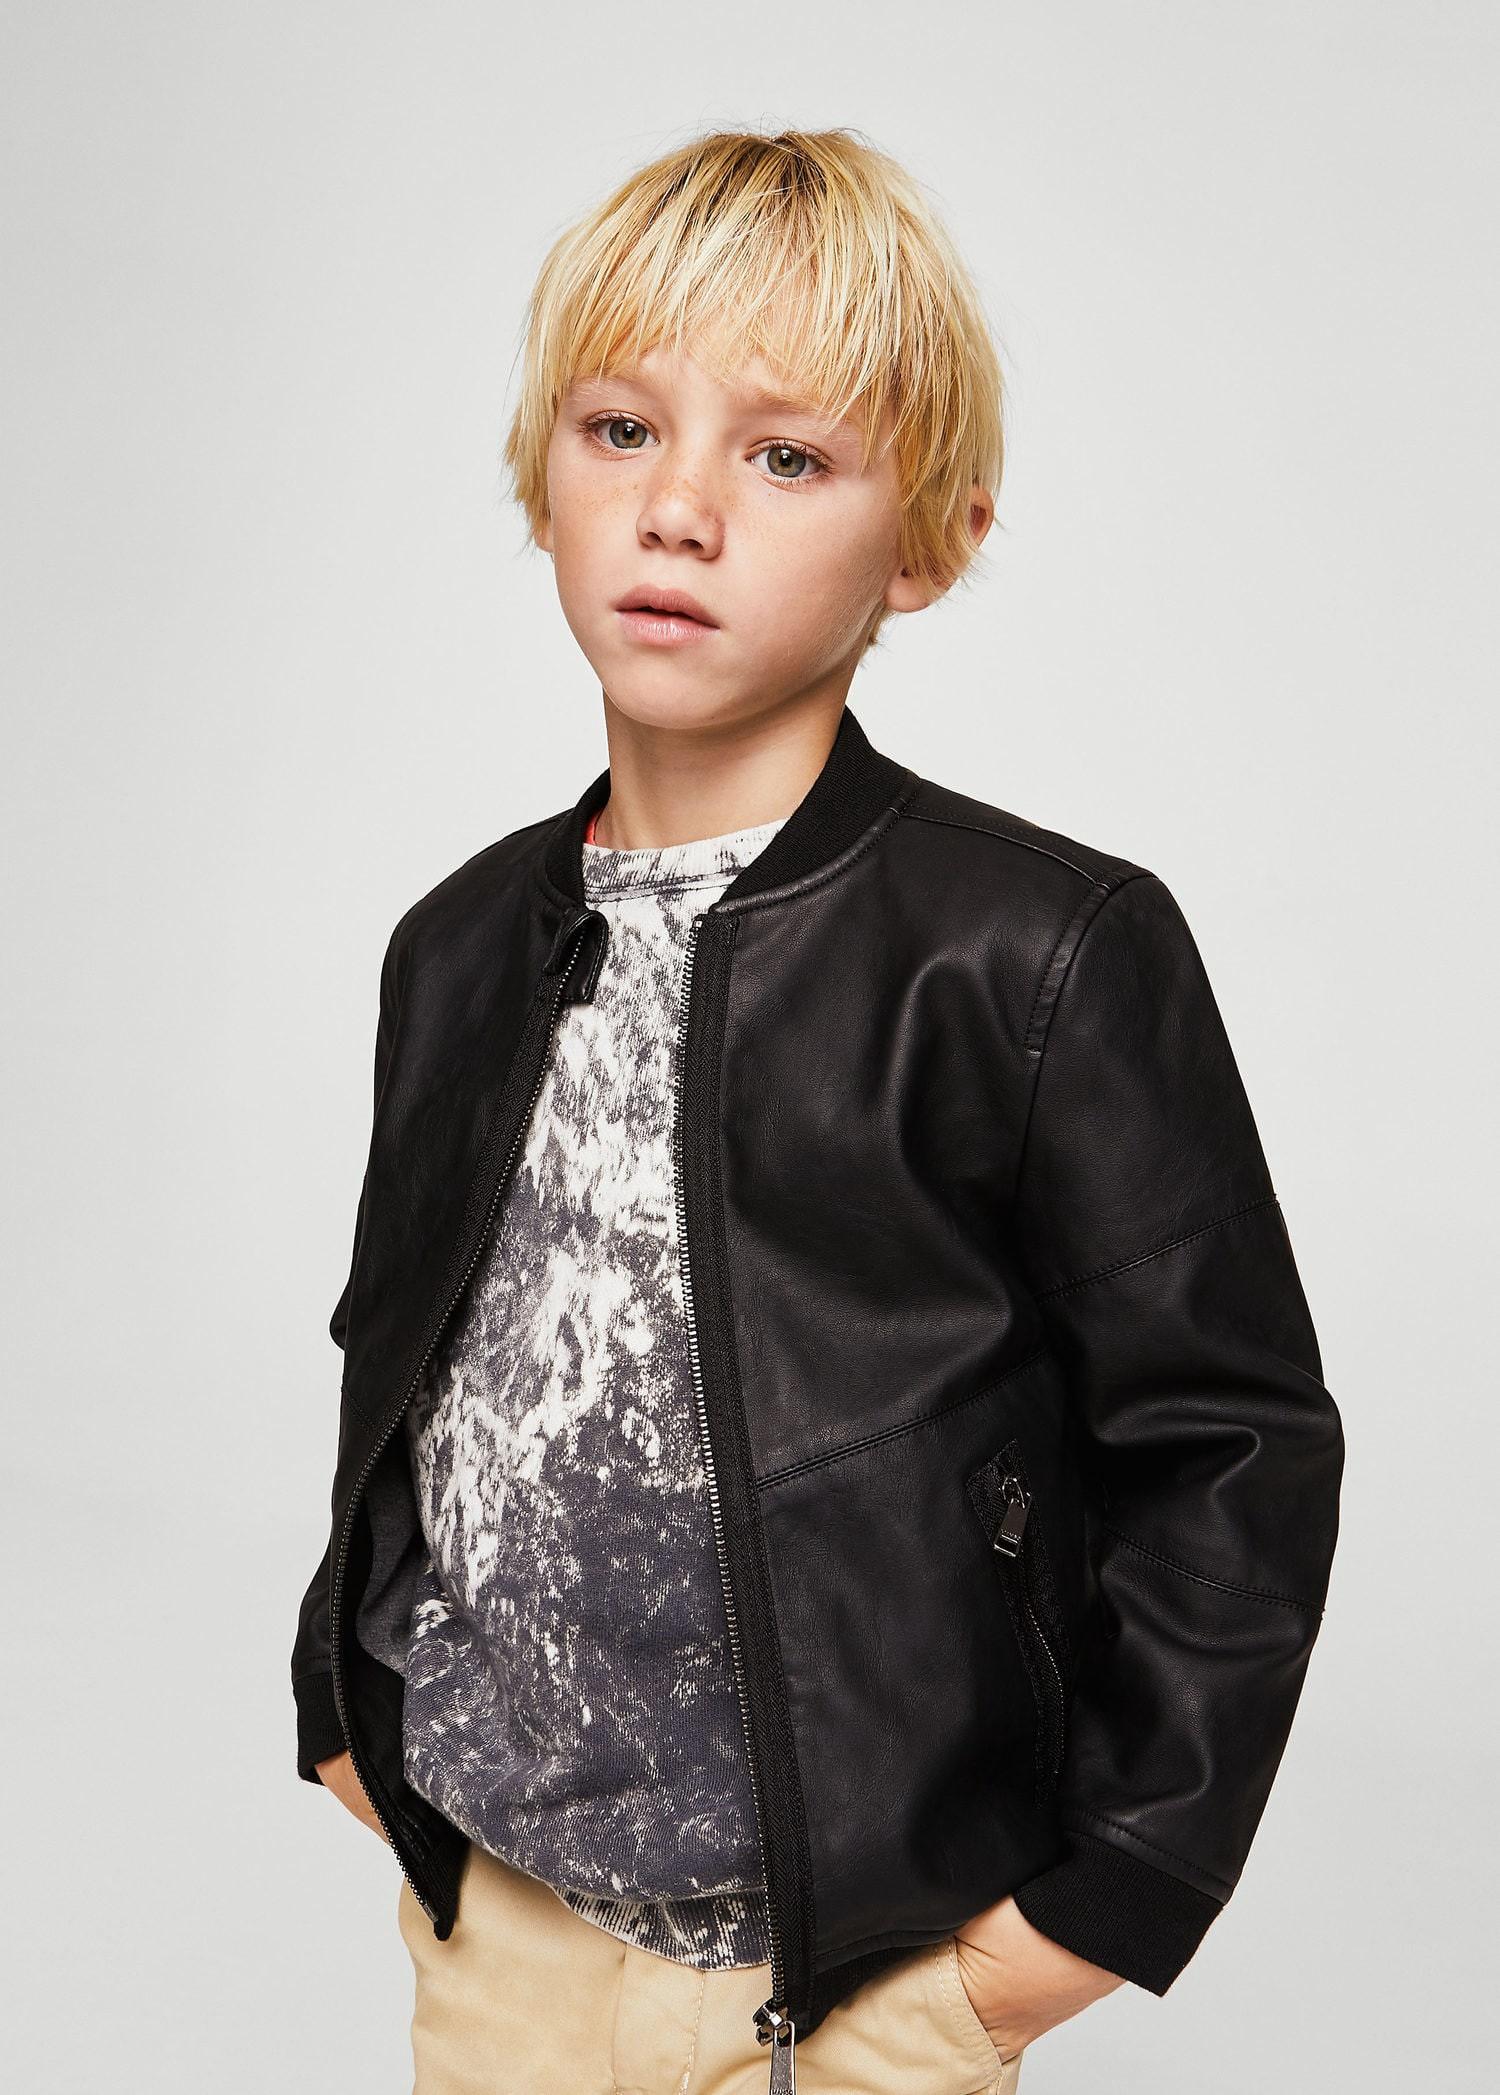 Mango Bomber Jacket Leather Effect Boys Kids 11 12 Years 152cm Boys Bomber Jacket Faux Leather Bomber Jacket Kids Leather Jackets [ 2095 x 1500 Pixel ]